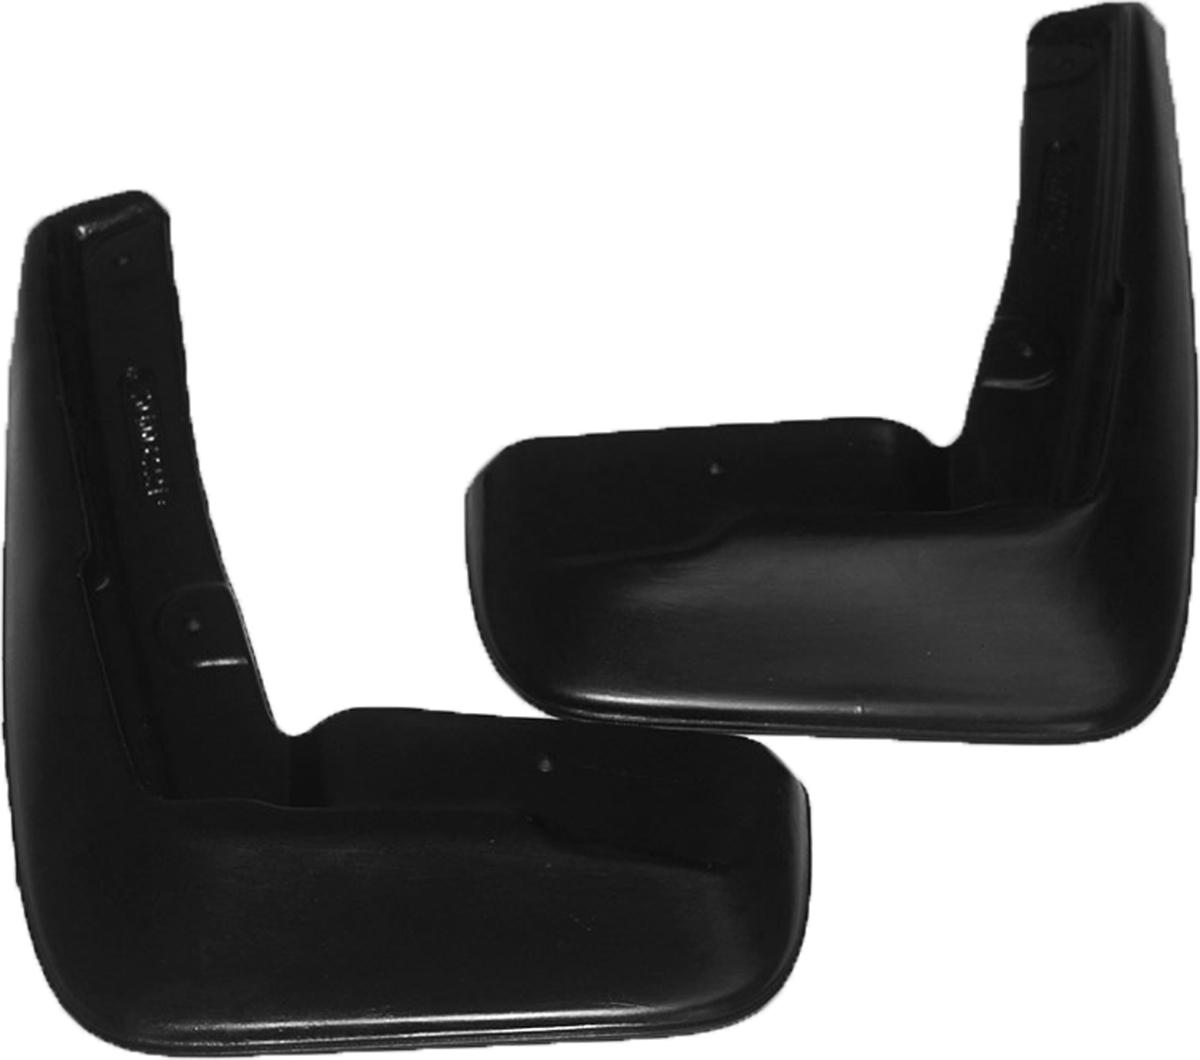 Комплект передних брызговиков L.Locker, для Subaru Outback (09-)21395599Брызговики L.Locker изготовлены из высококачественного полиуретана. Уникальный состав брызговиков допускает их эксплуатацию в широком диапазоне температур: от -50°С до +80°С. Эффективно защищают кузов автомобиля от грязи и воды - формируют аэродинамический поток воздуха, создаваемый при движении вокруг кузова таким образом, чтобы максимально уменьшить образование грязевой измороси, оседающей на автомобиле. Разработаны индивидуально для каждой модели автомобиля, с эстетической точки зрения брызговики являются завершением колесной арки.